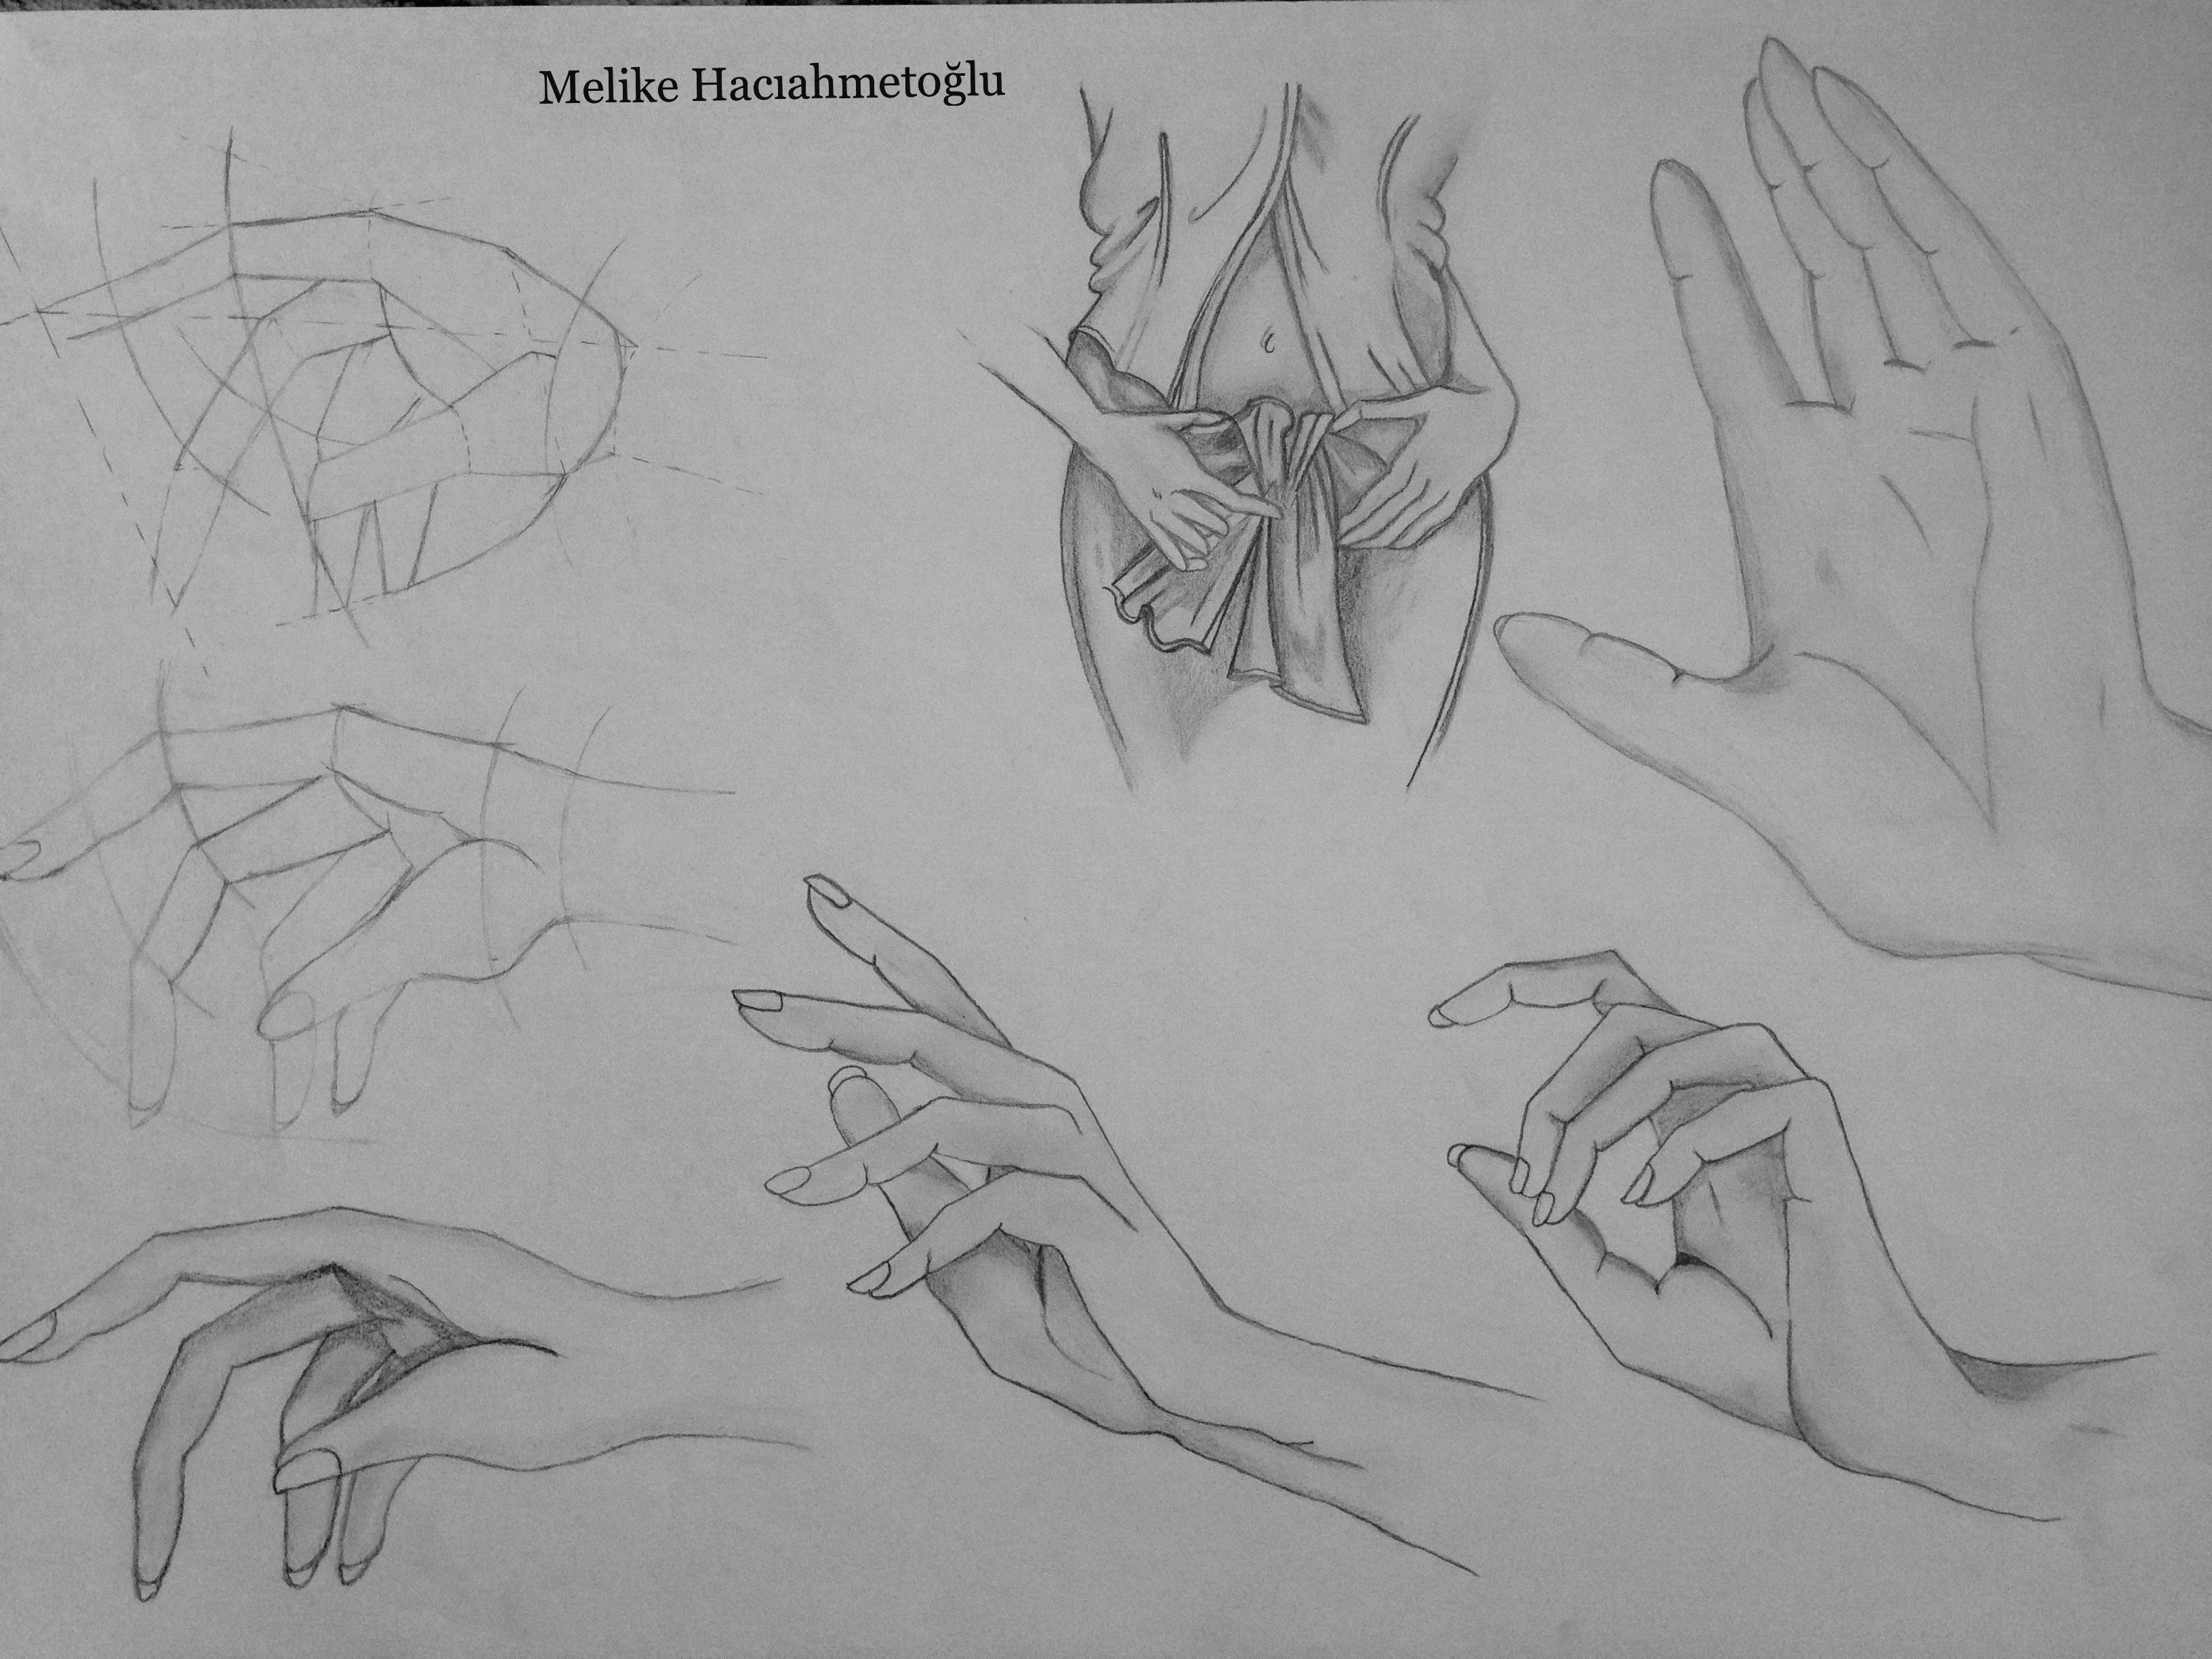 teknik el çizimleri 🤚 artistik Çizim aşamaları teknik el çizimleri 🤚